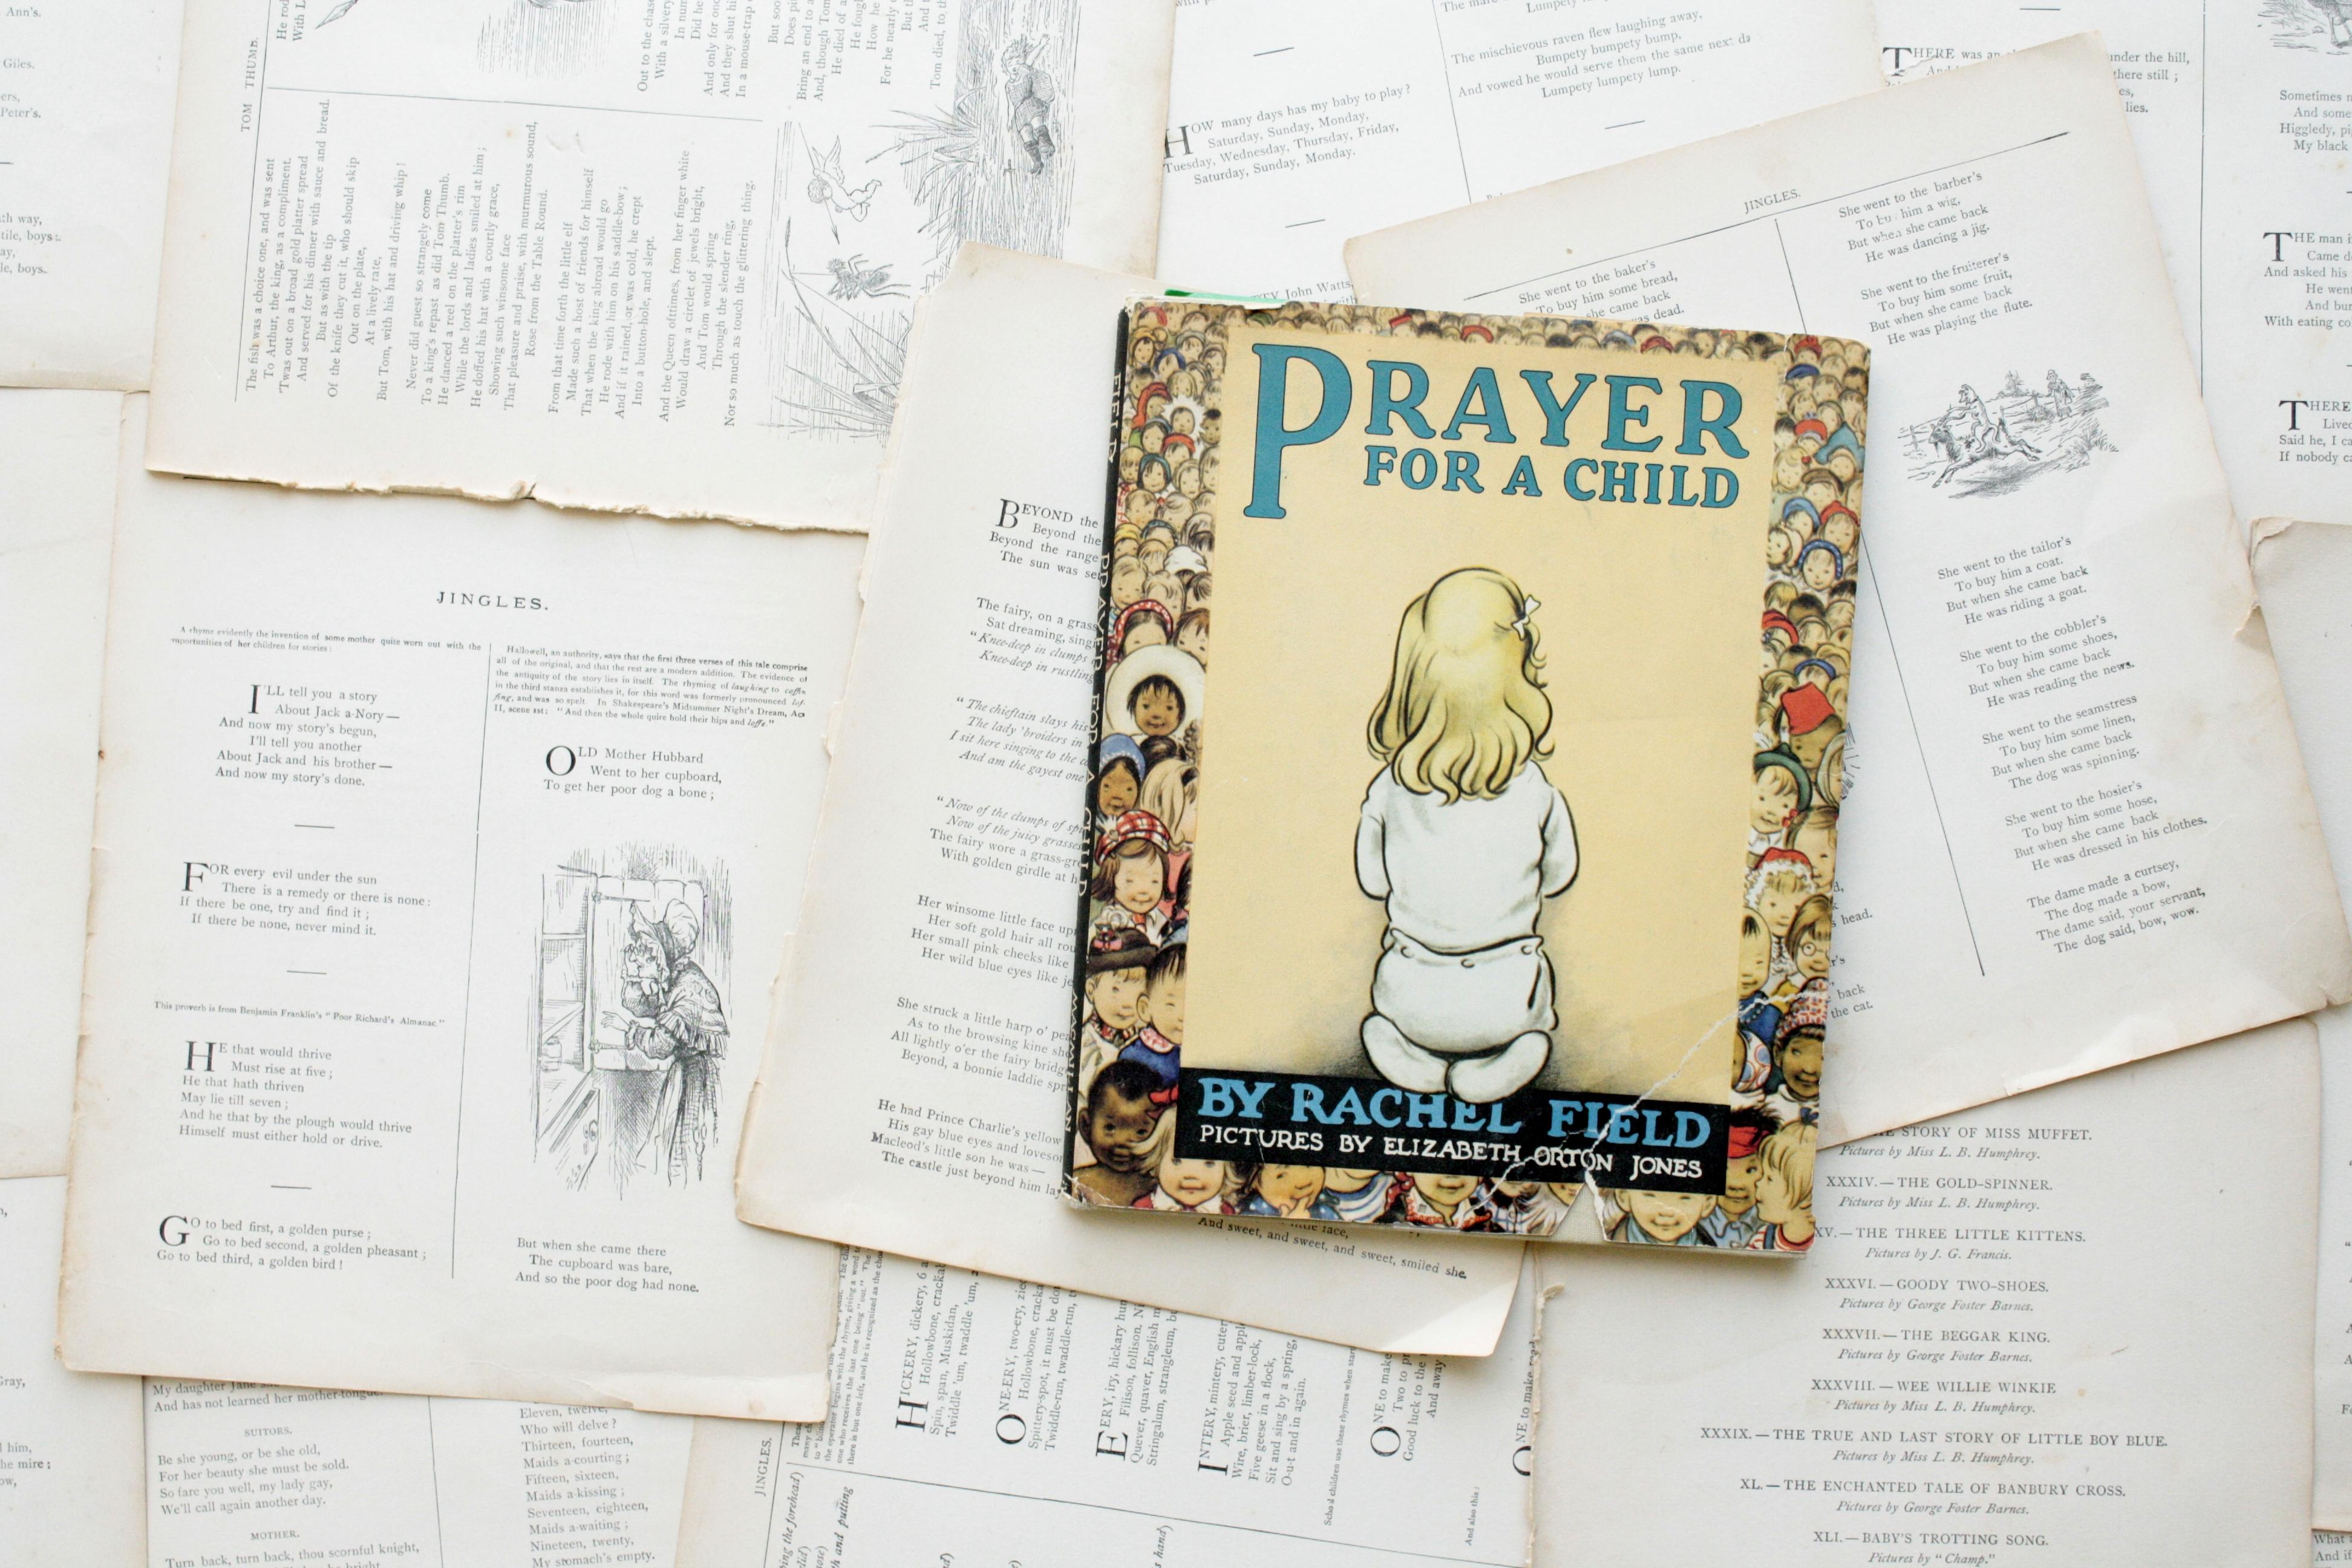 Prayer for a Child | Rachel Field